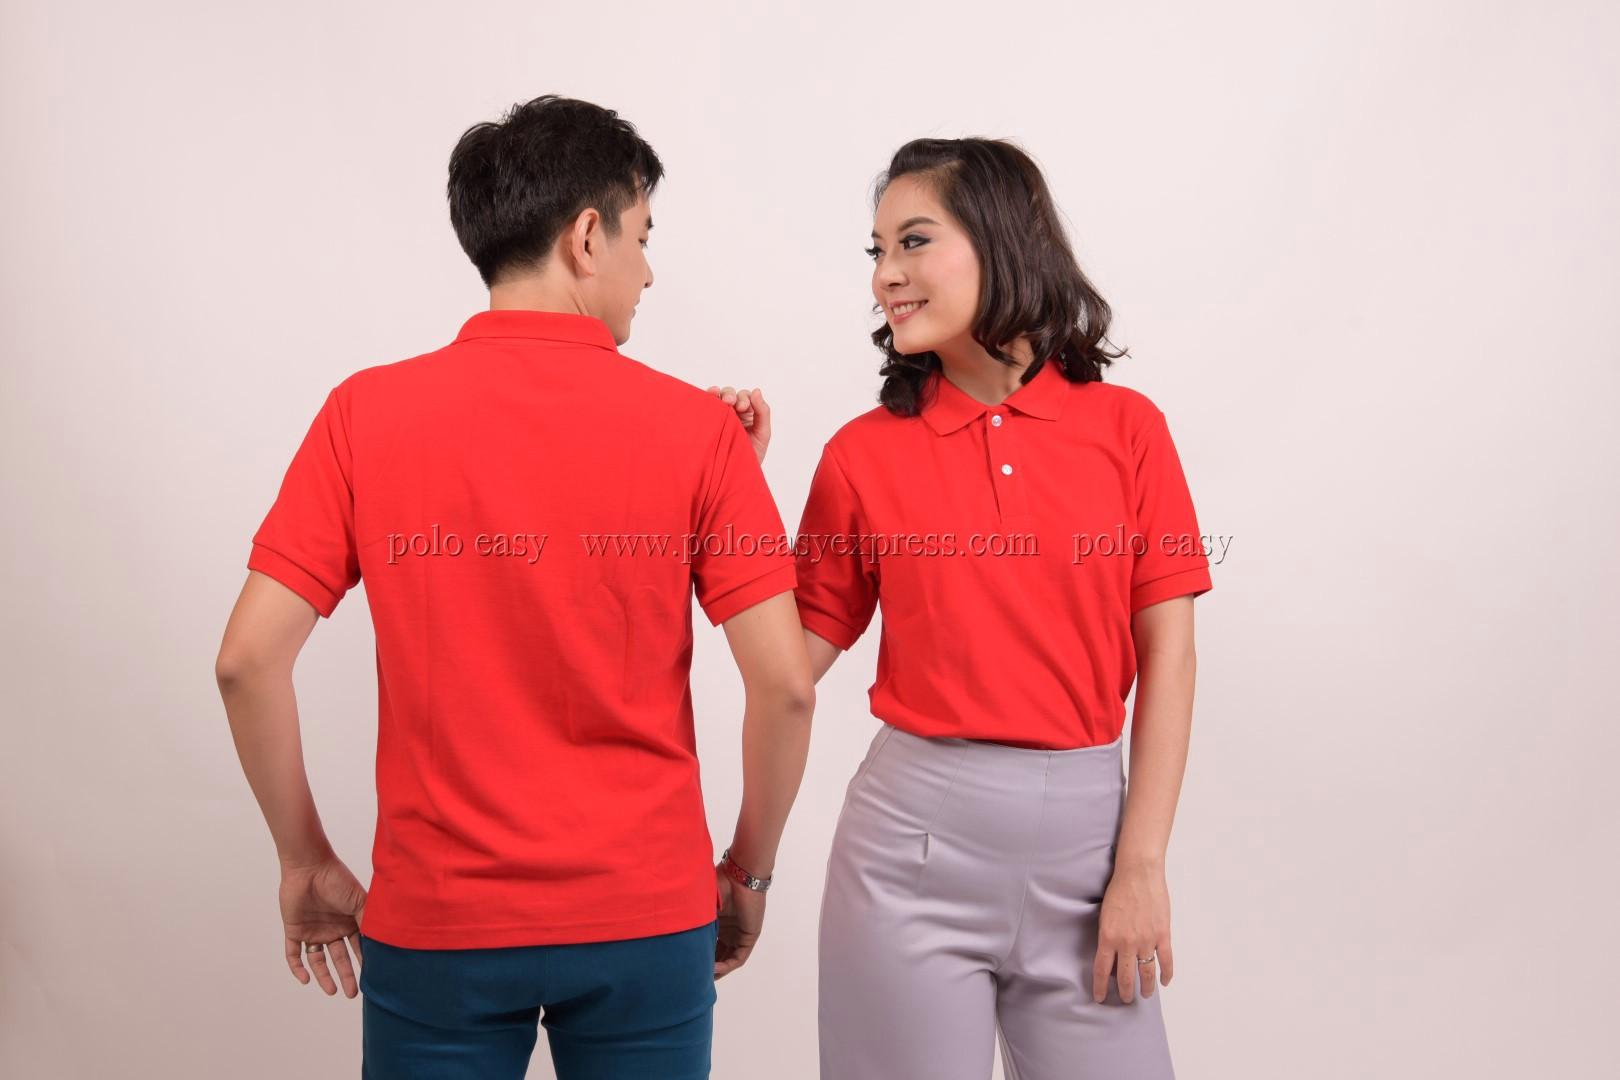 เสื้อโปโล สีแดง TK Premium แขนสั้น ทรงตรง Size 4XL